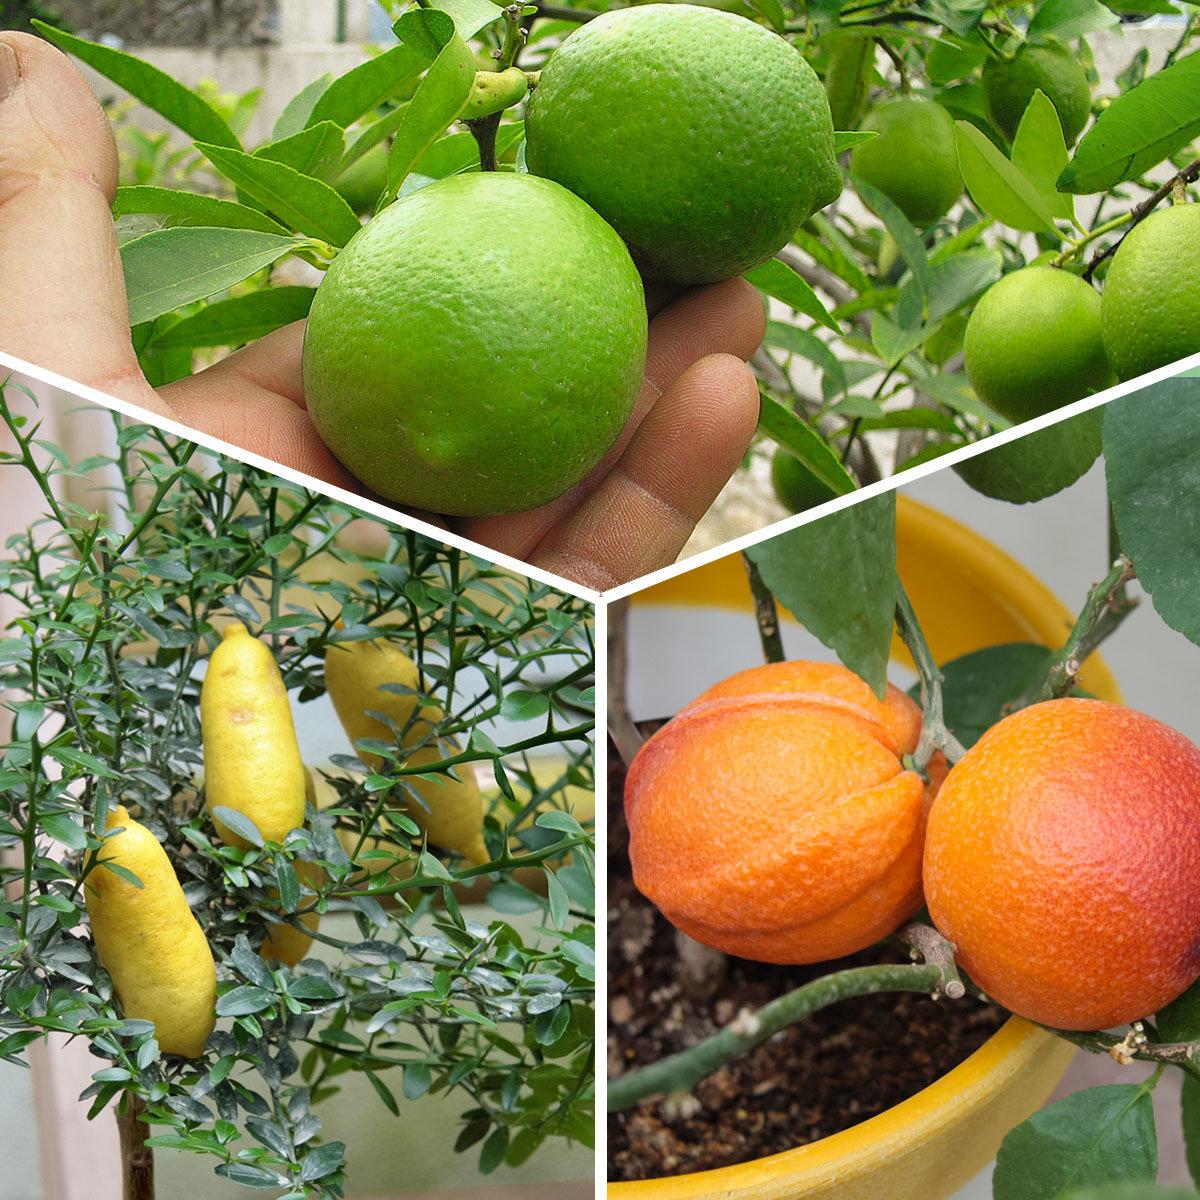 Sommerblumen-Sortiment Exquisite Citrus